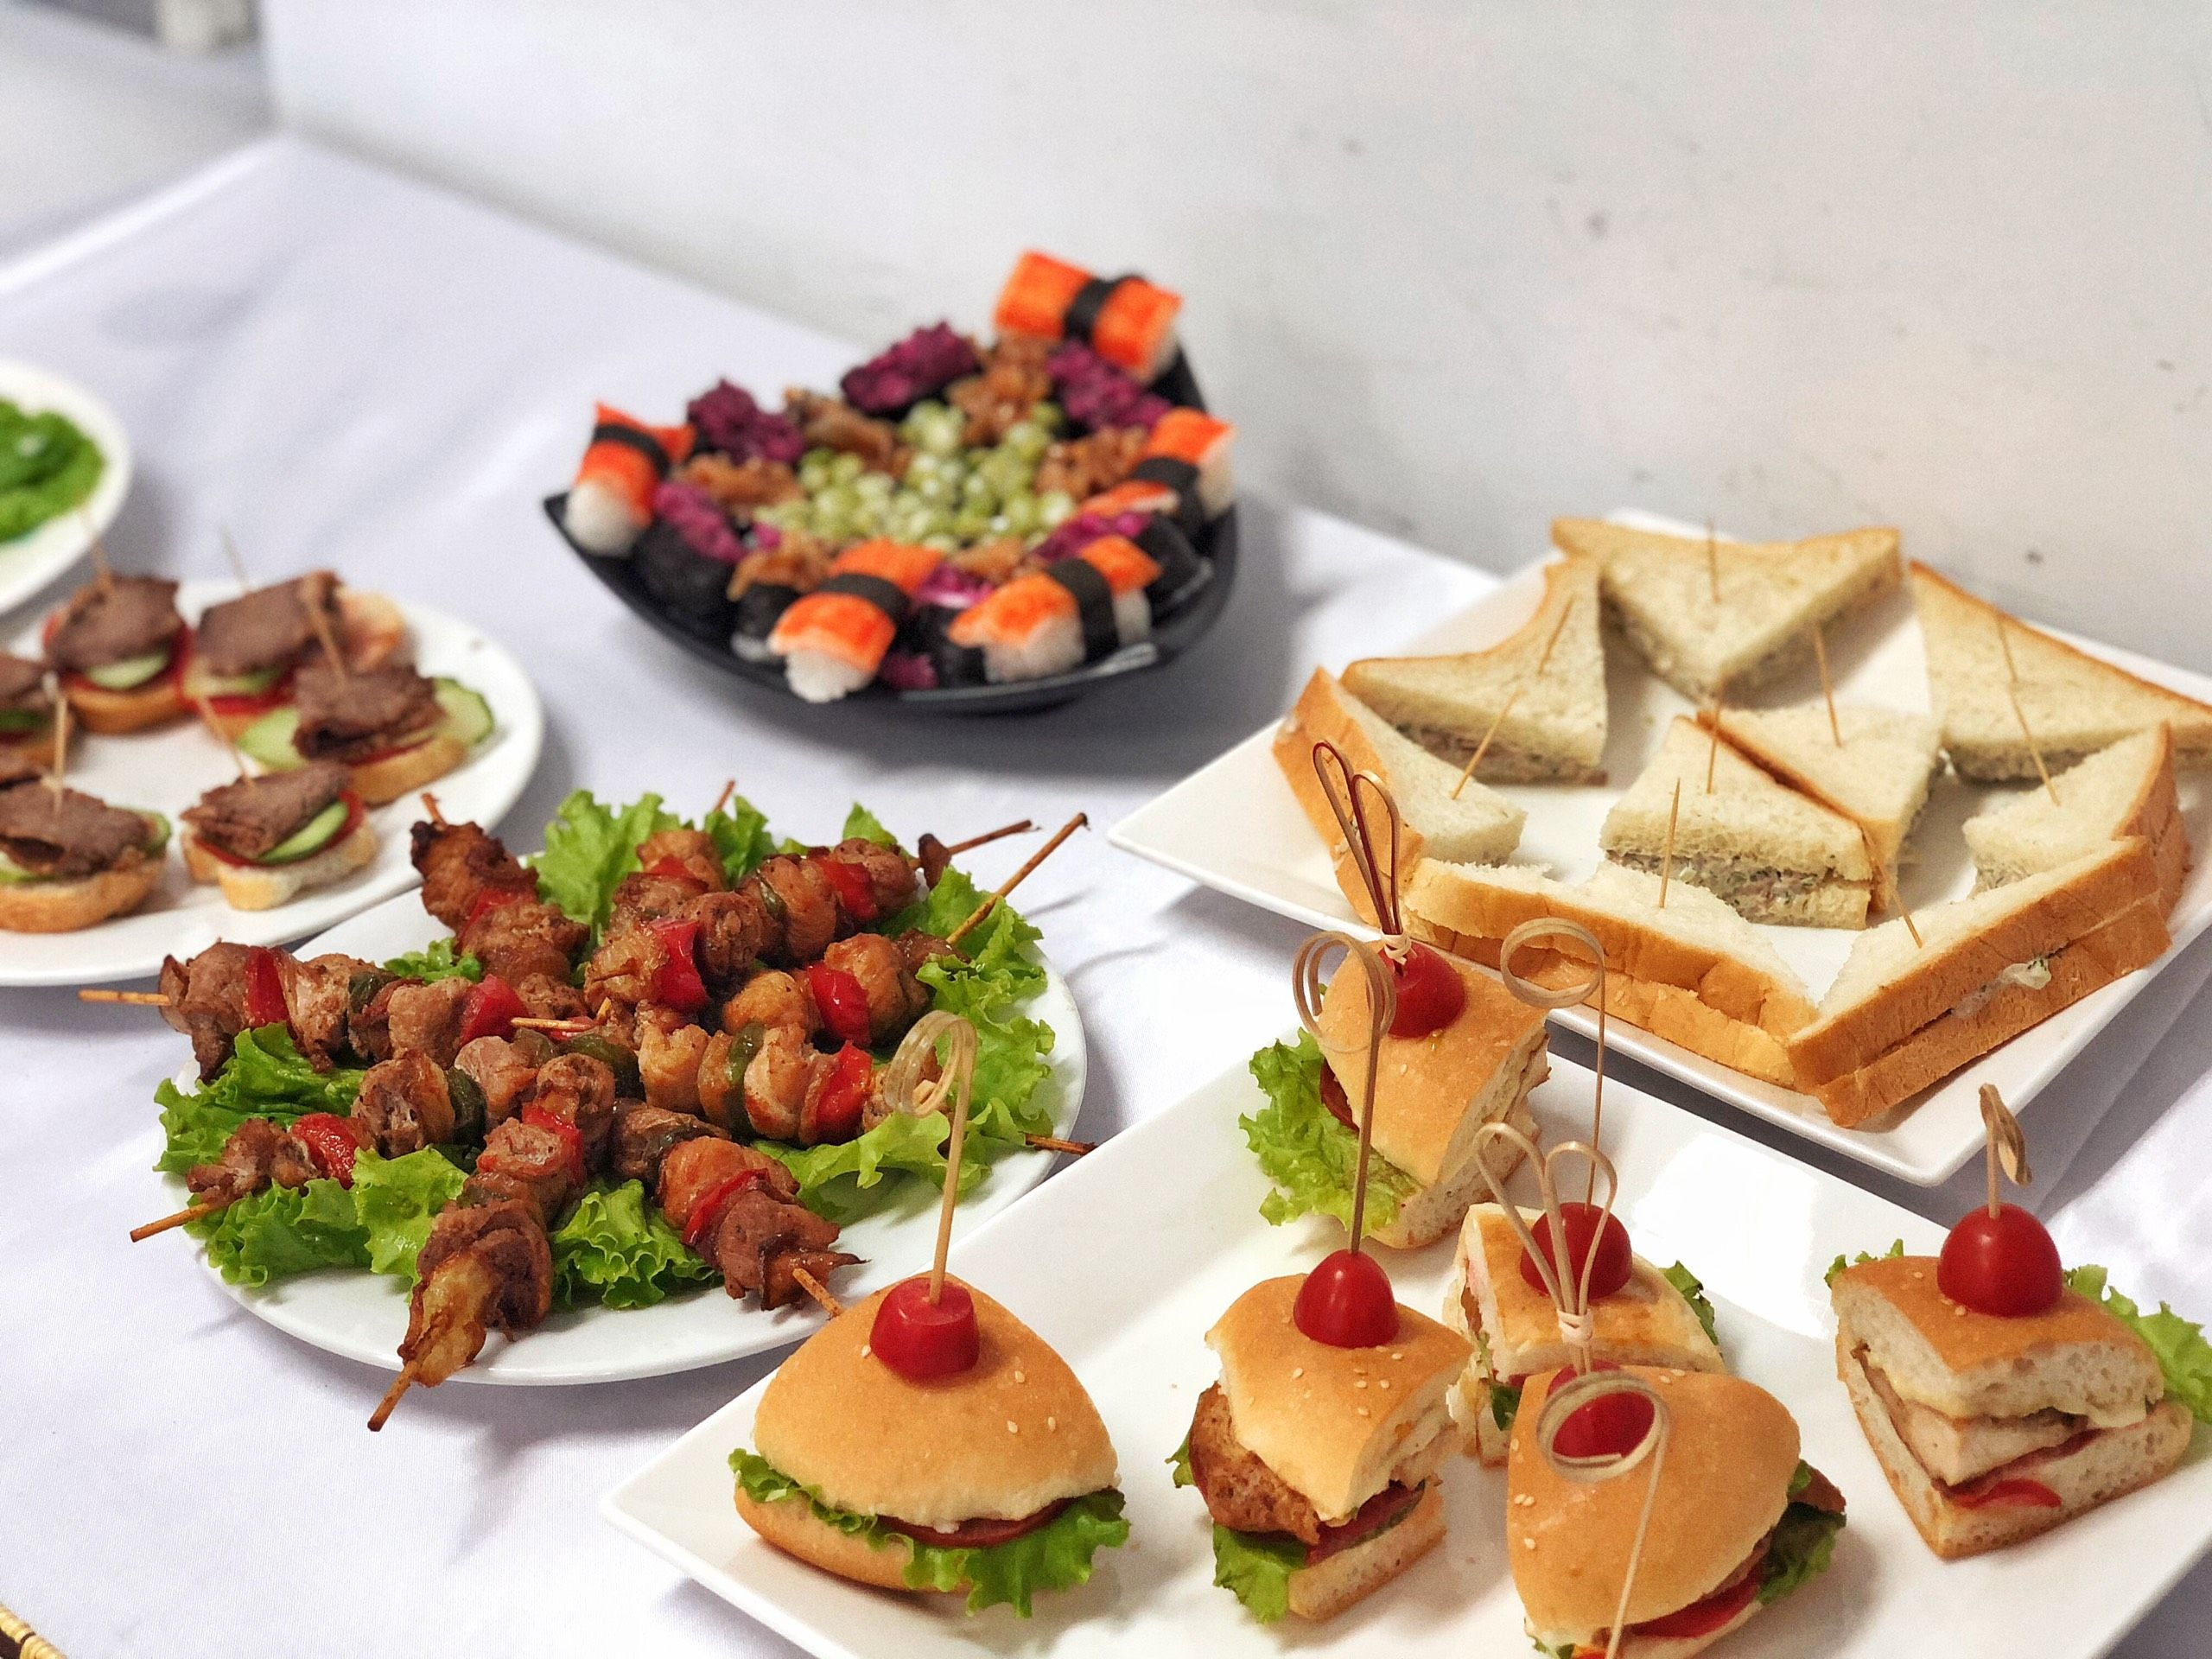 Luncheon – Meet & Greet event